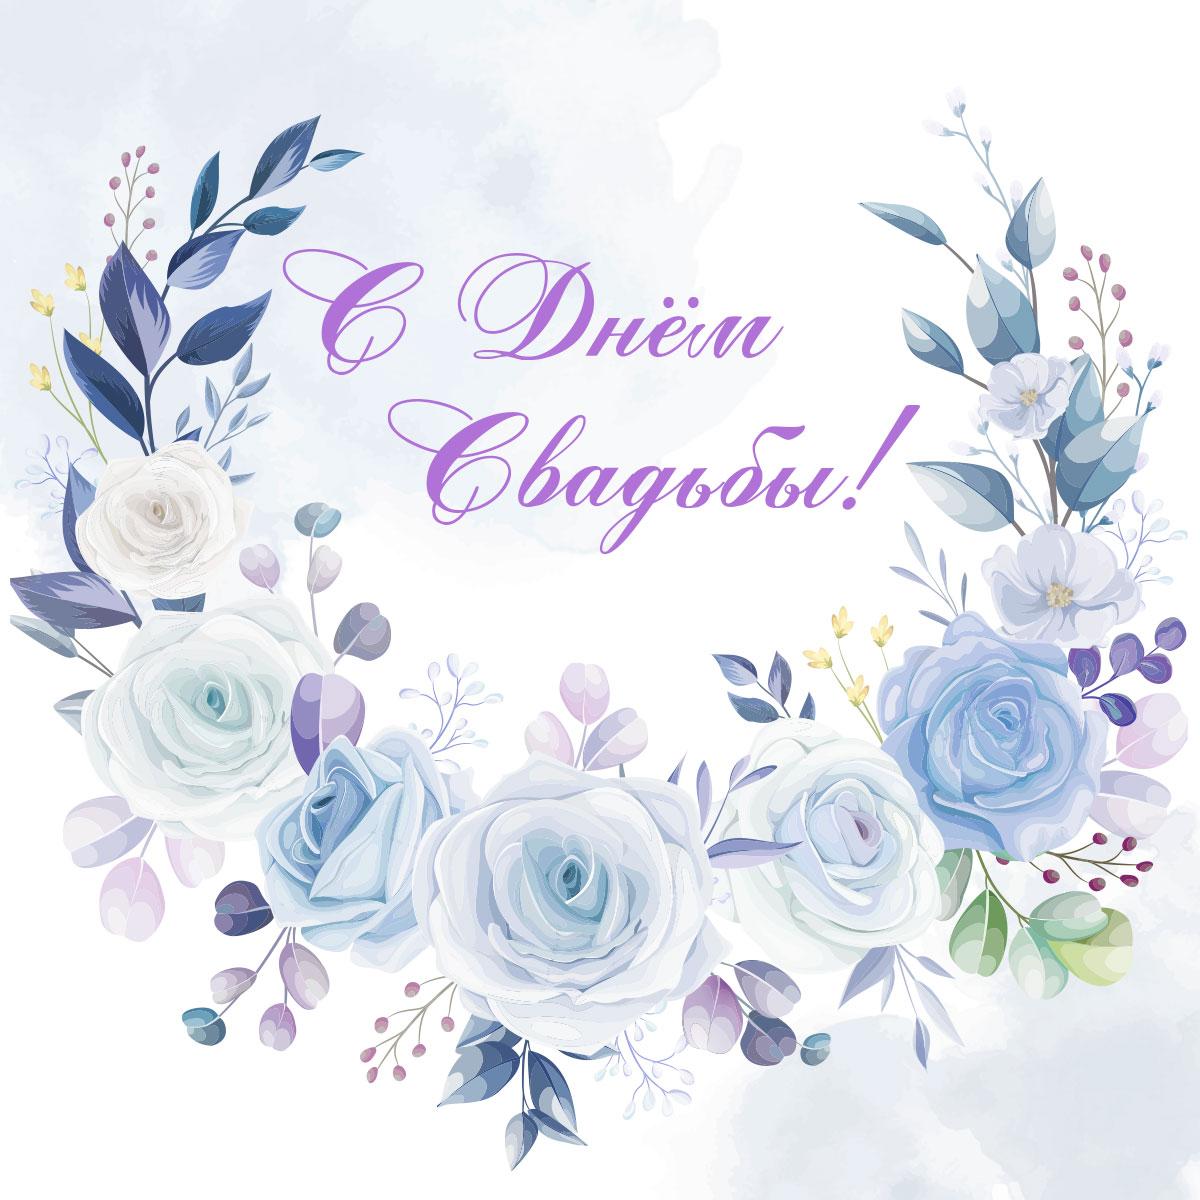 Поздравление с днем свадьбы на пастельном фоне с голубыми розами.